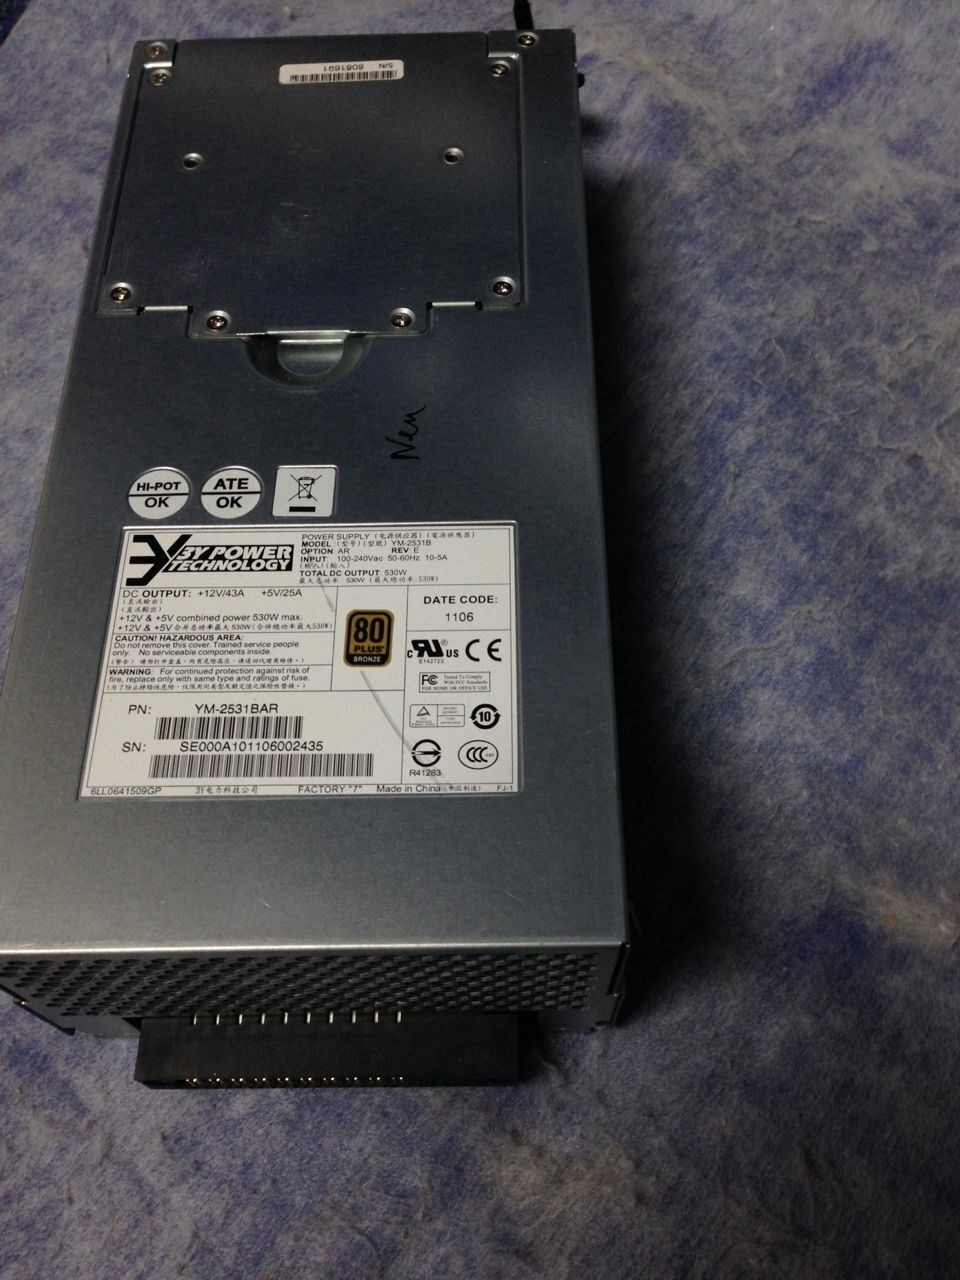 Natrliche Zutaten Sales Von Ym-2531b Cp-ym-2531bar 9373cpsu-0010 ...